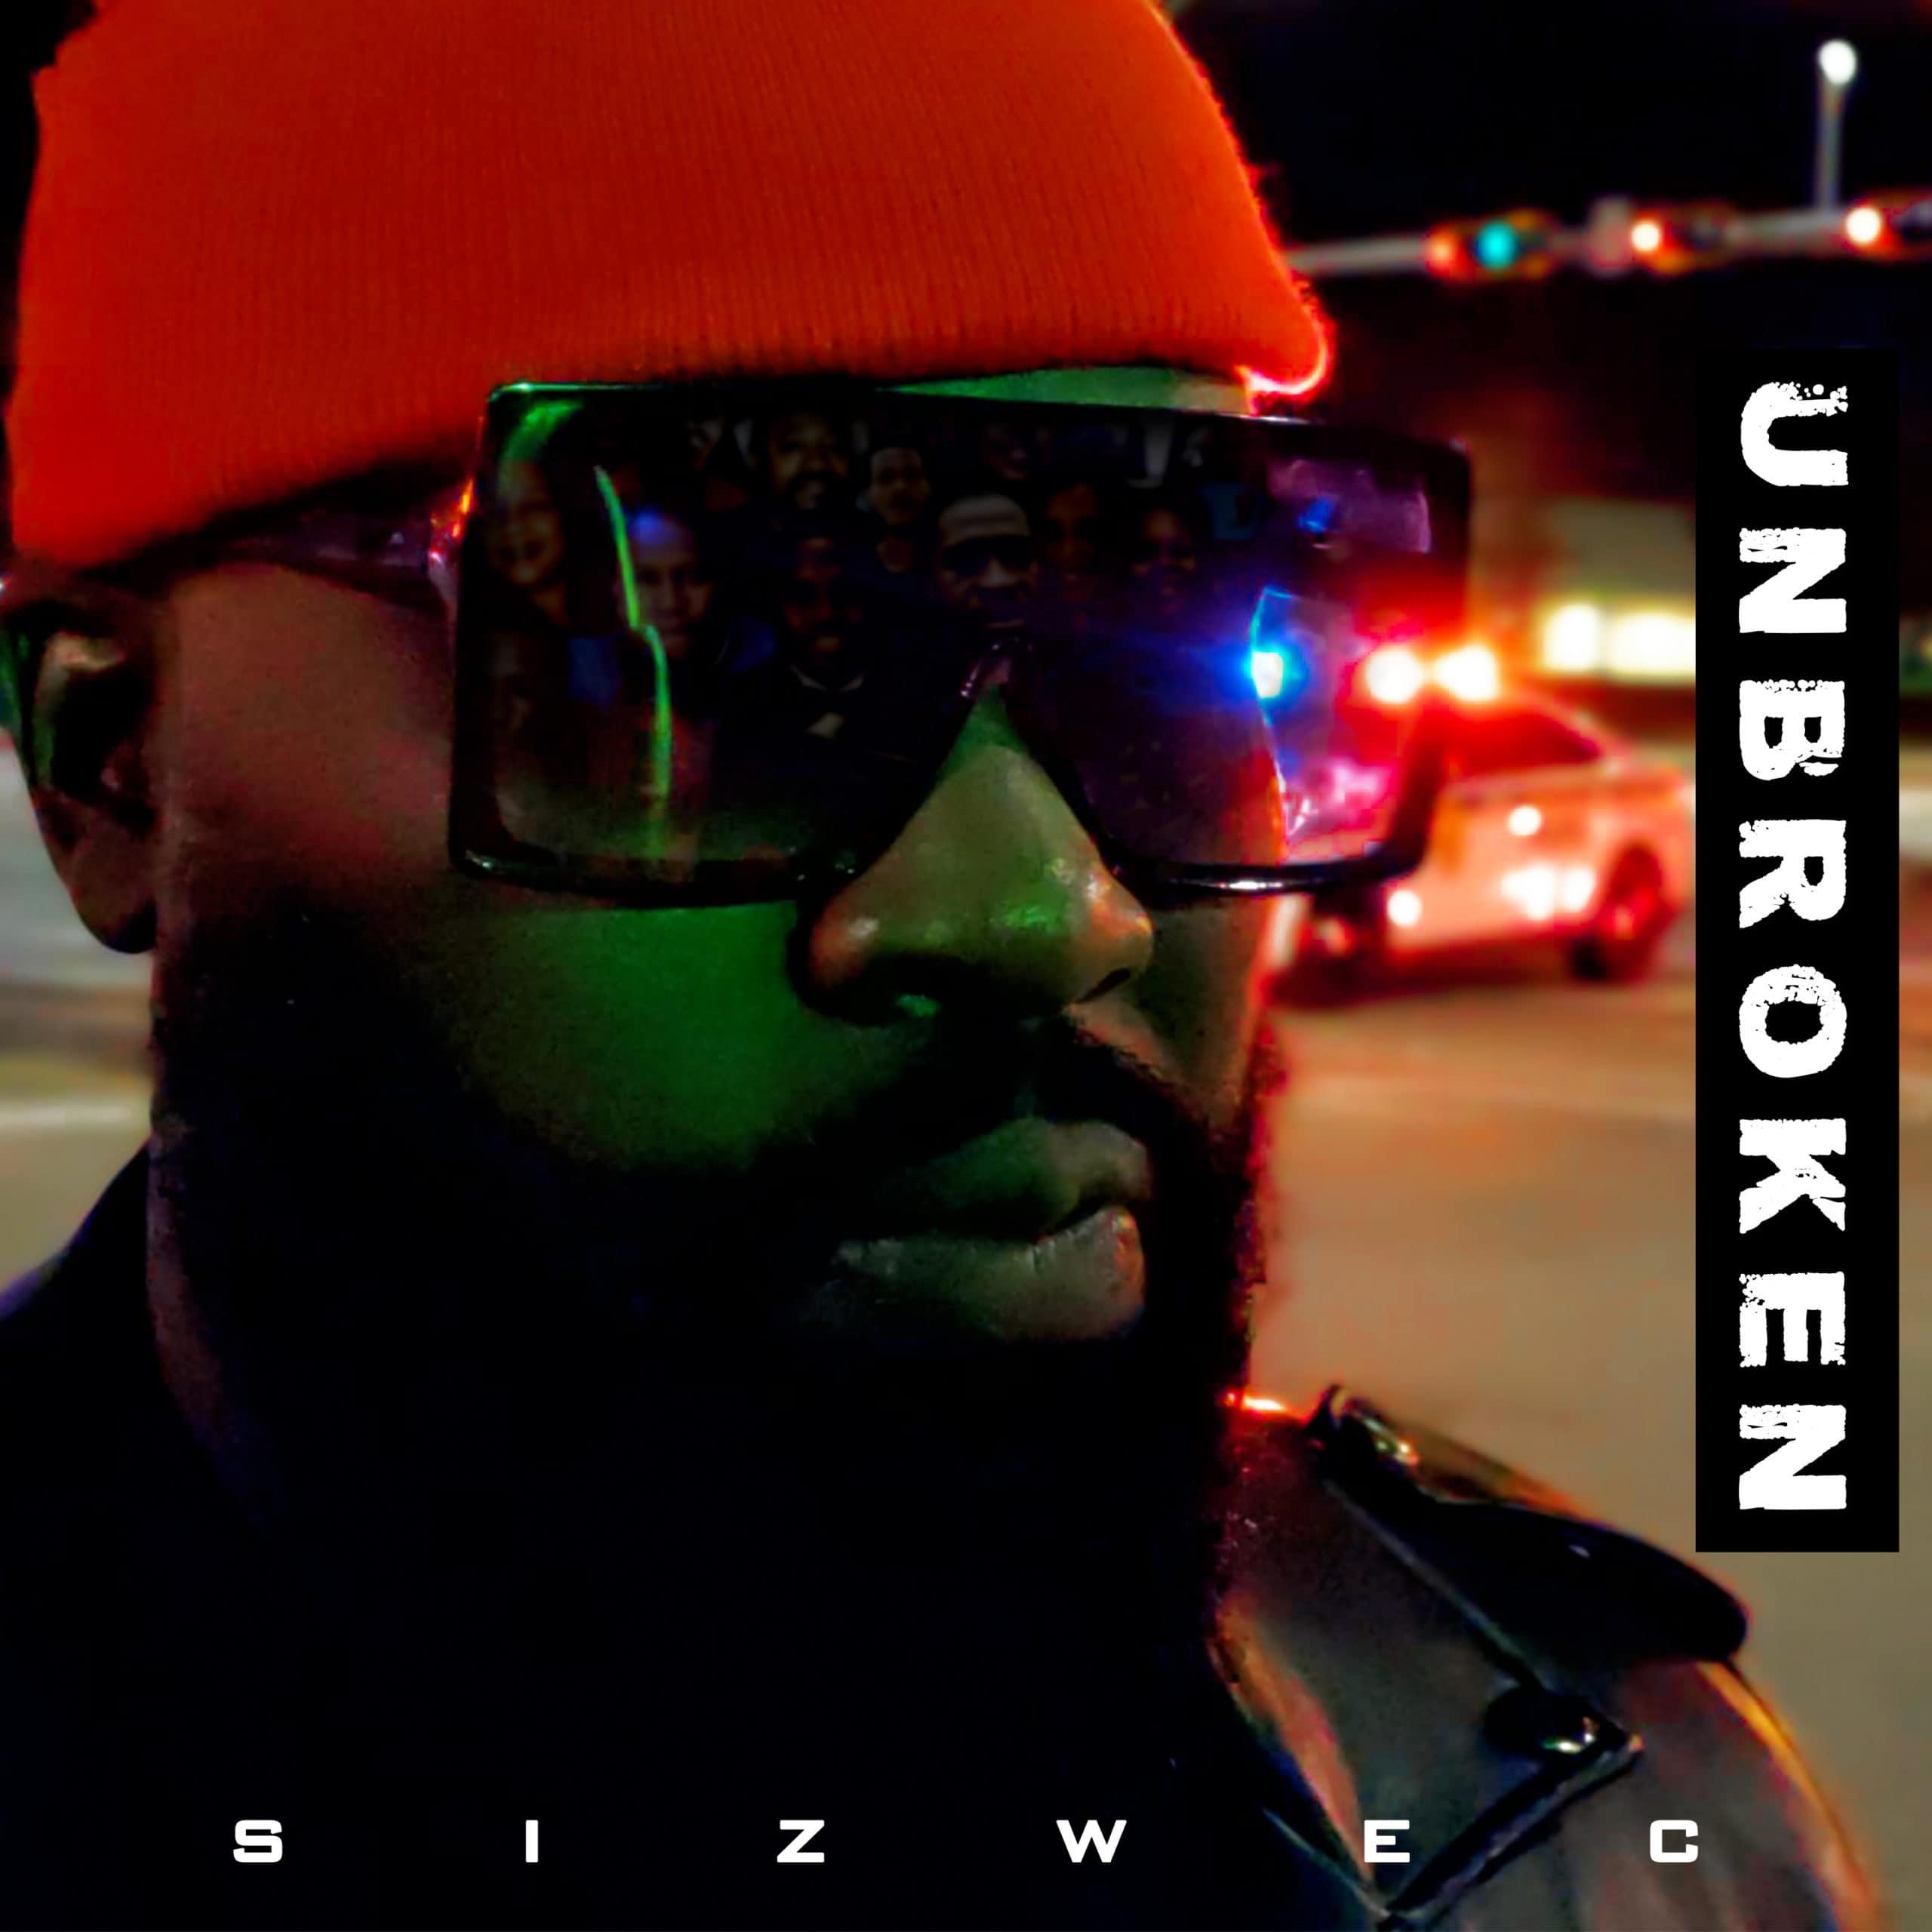 Sizwe C - Unbroken